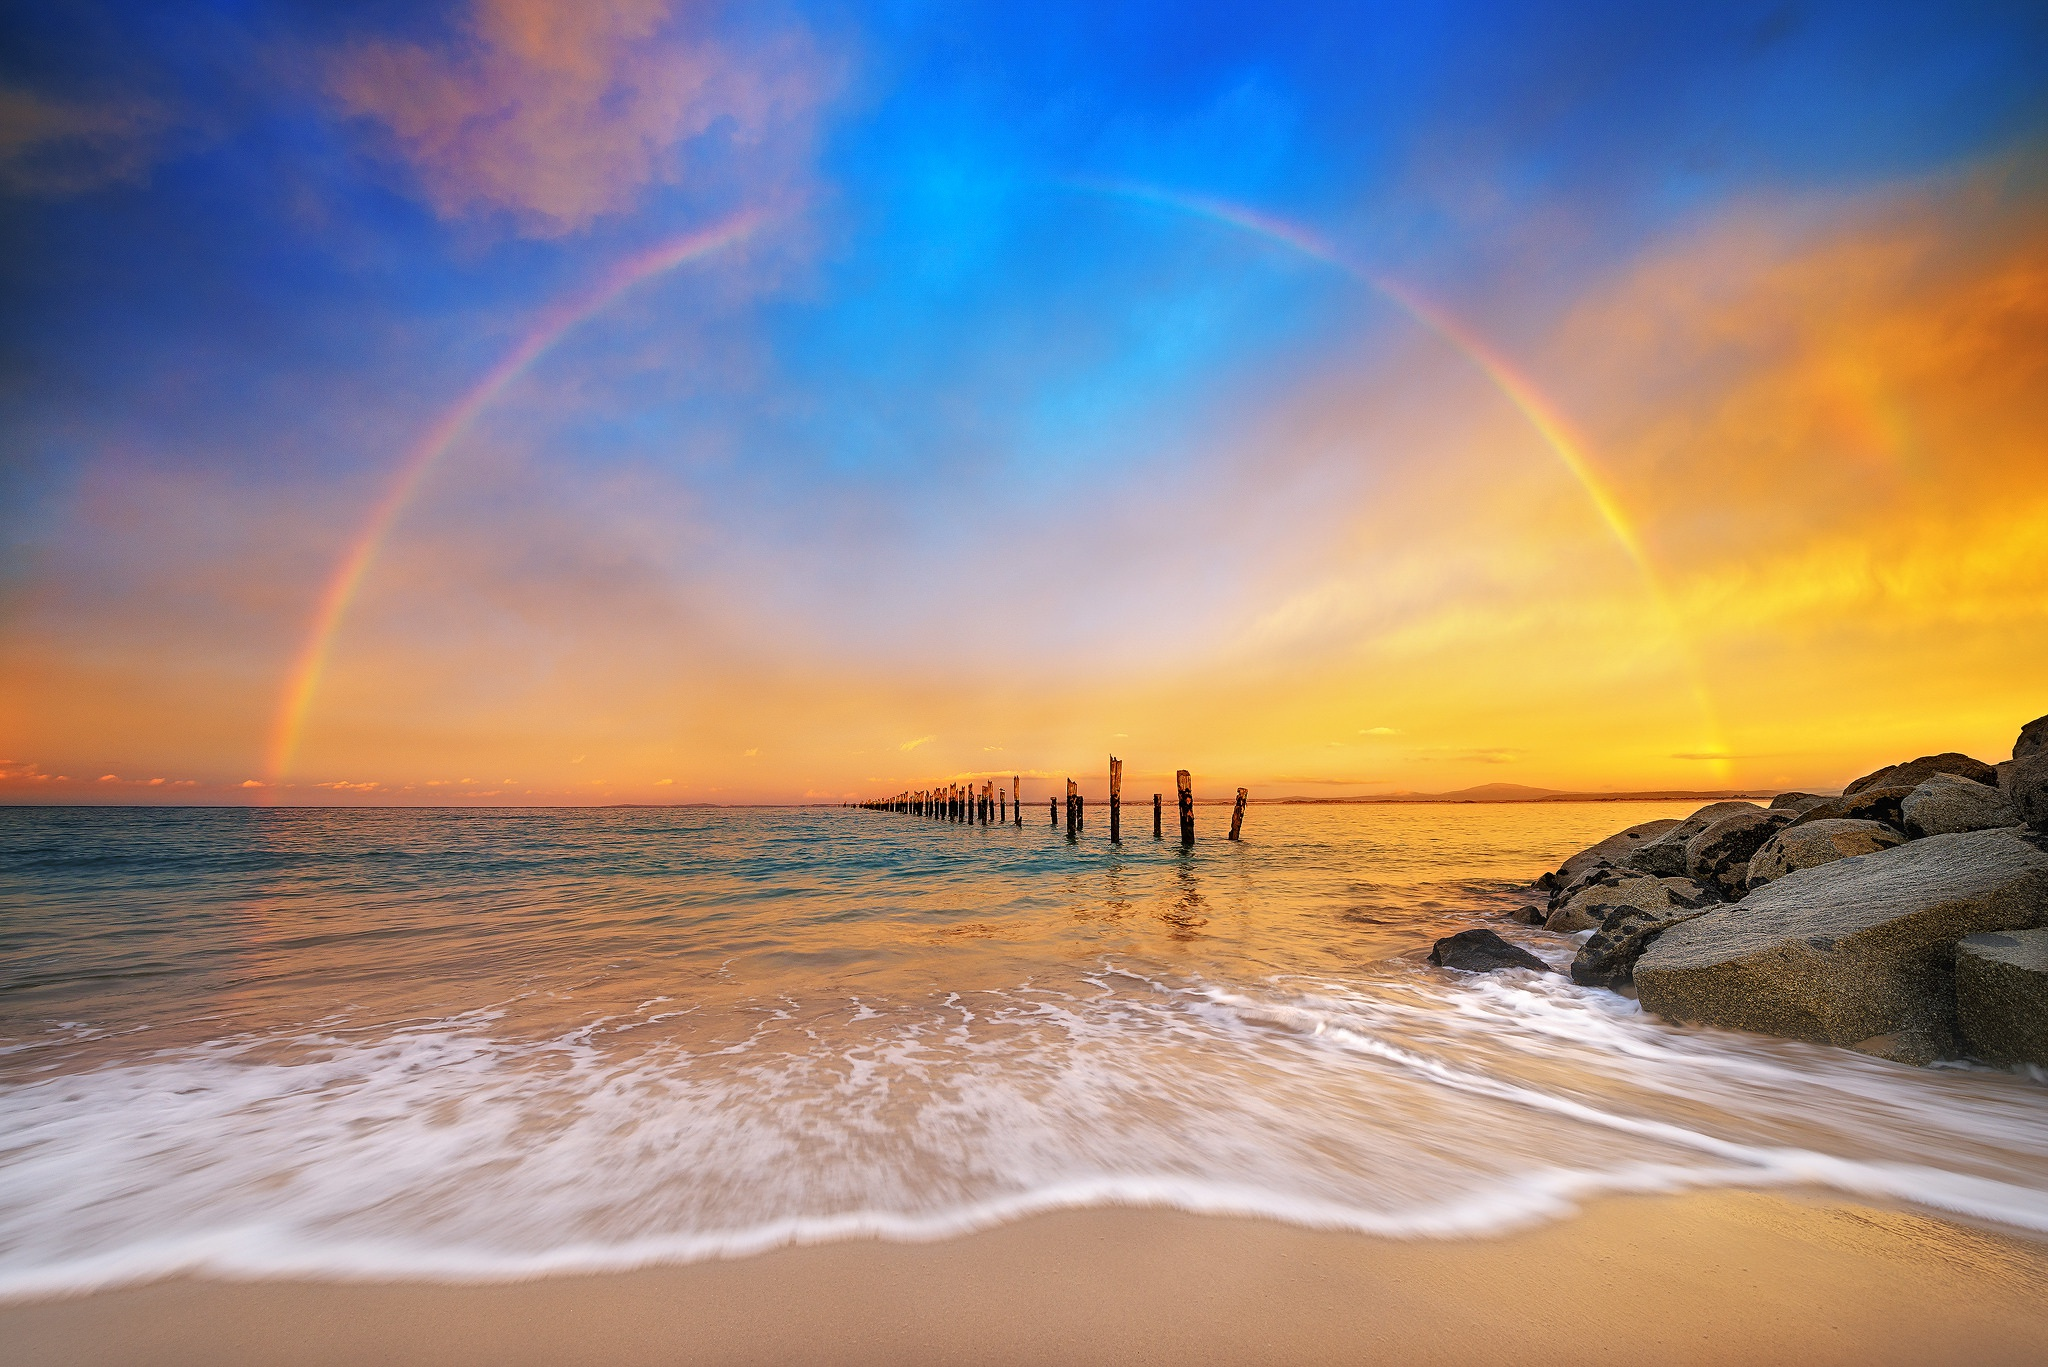 Фото и картинки радуги на море